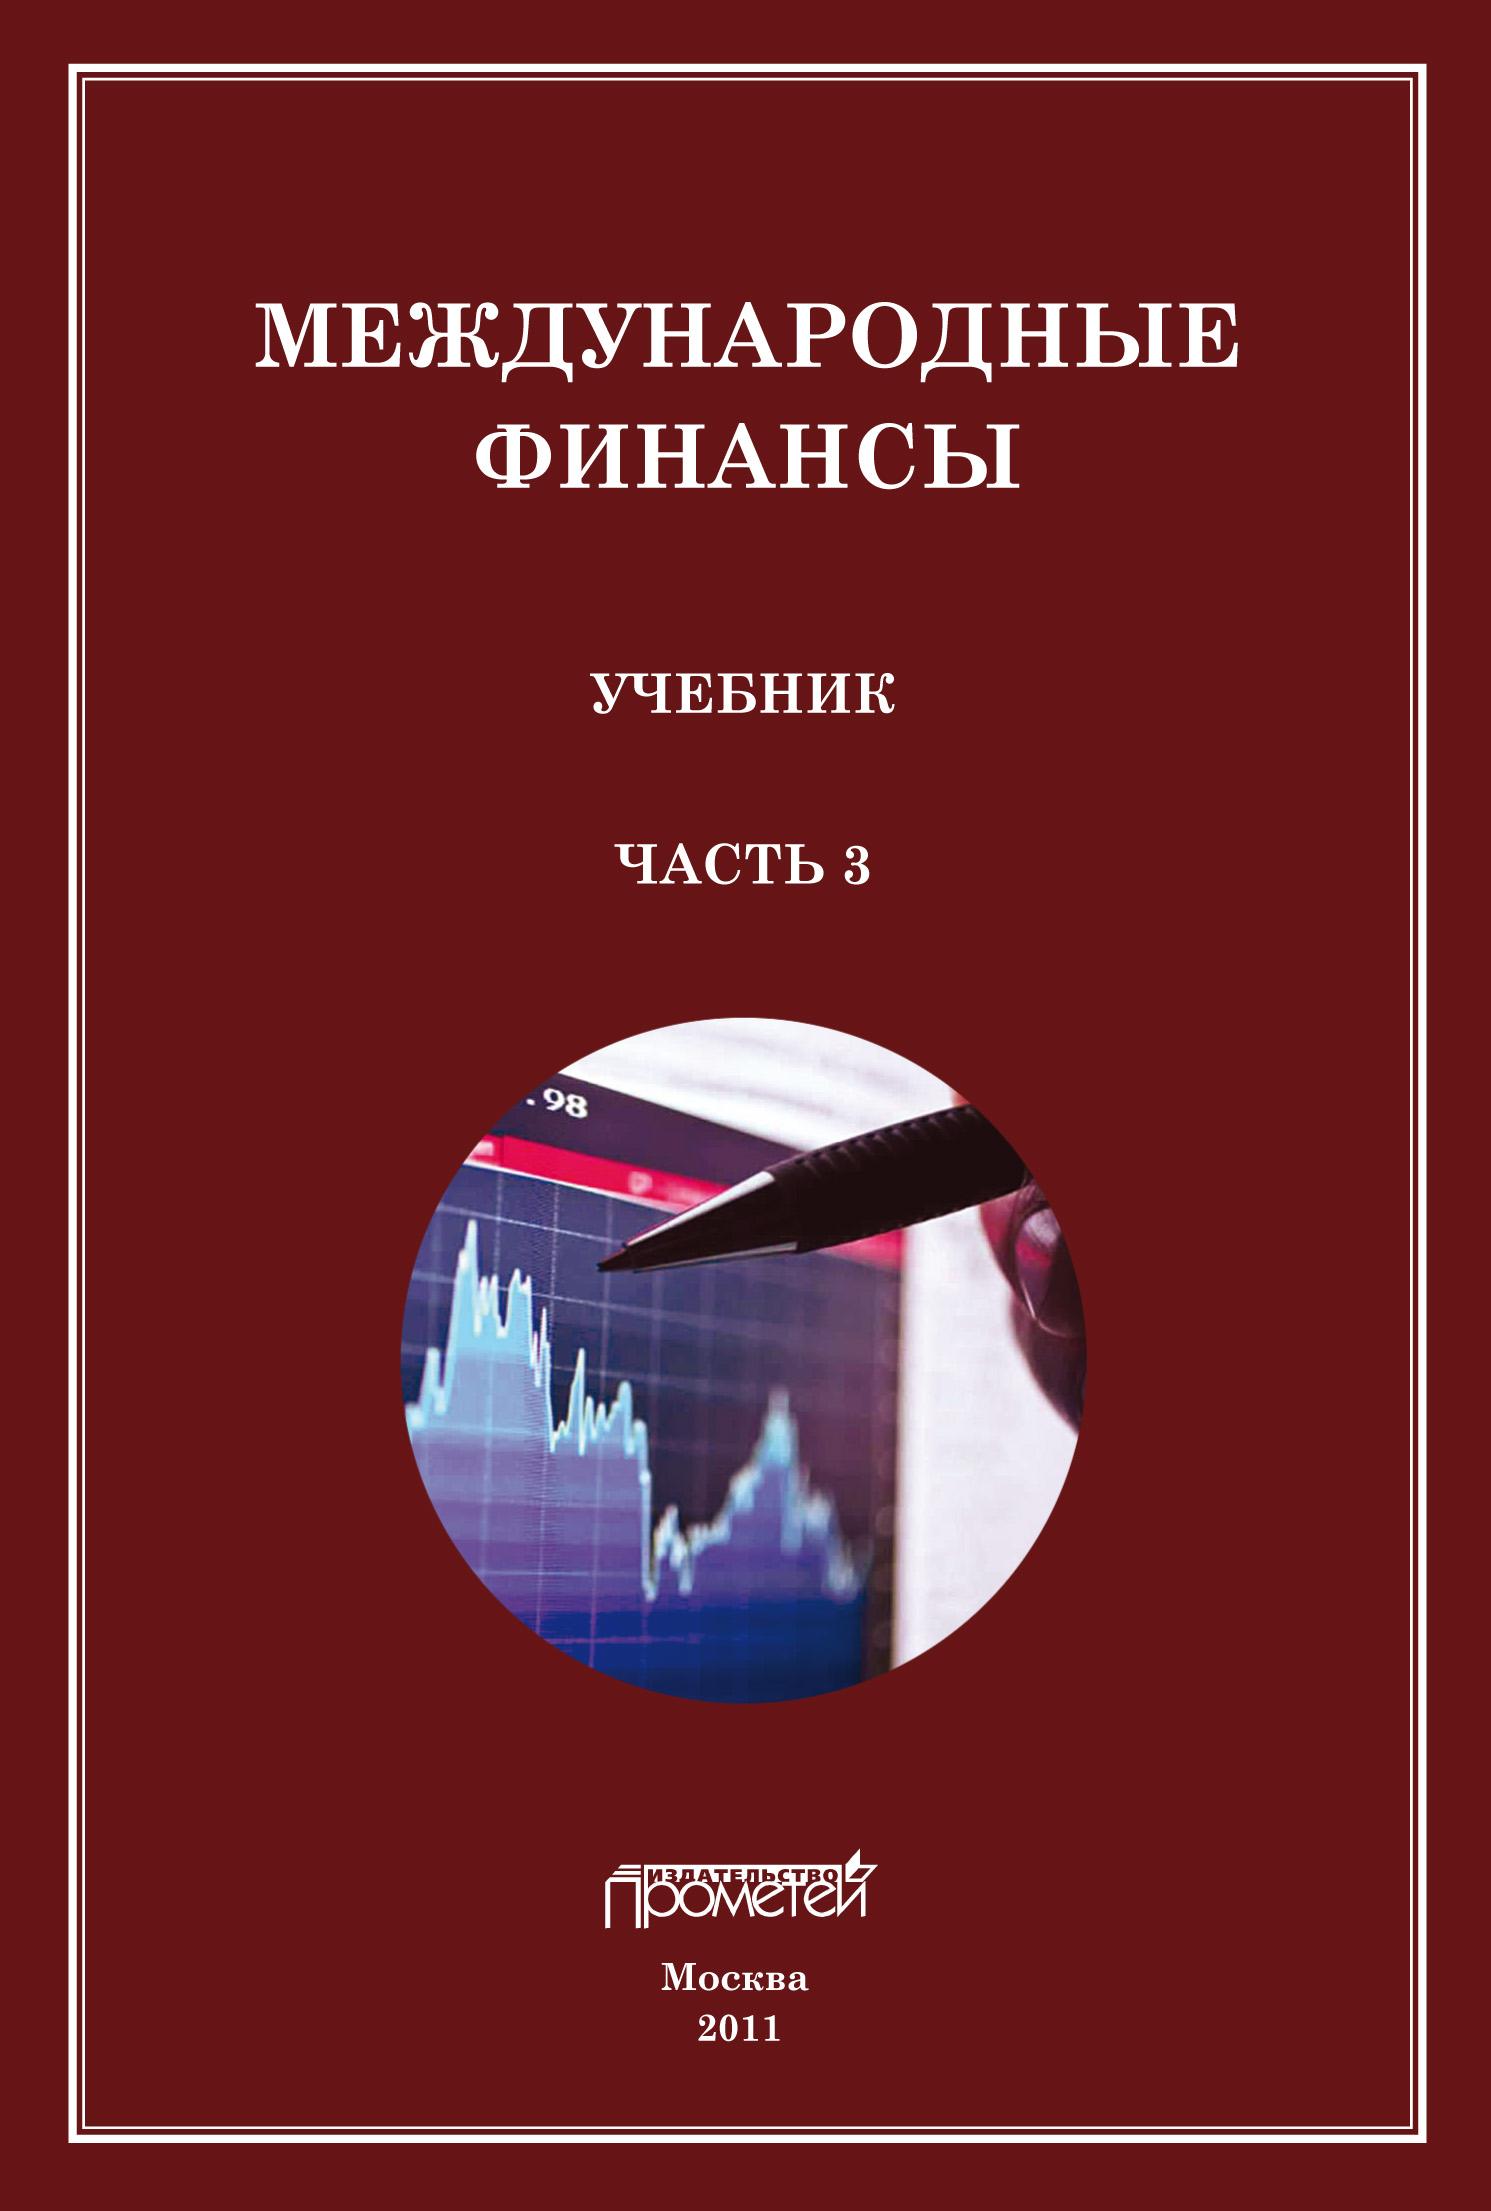 Сергей Матросов «Международные финансы. Учебник. Часть 3»